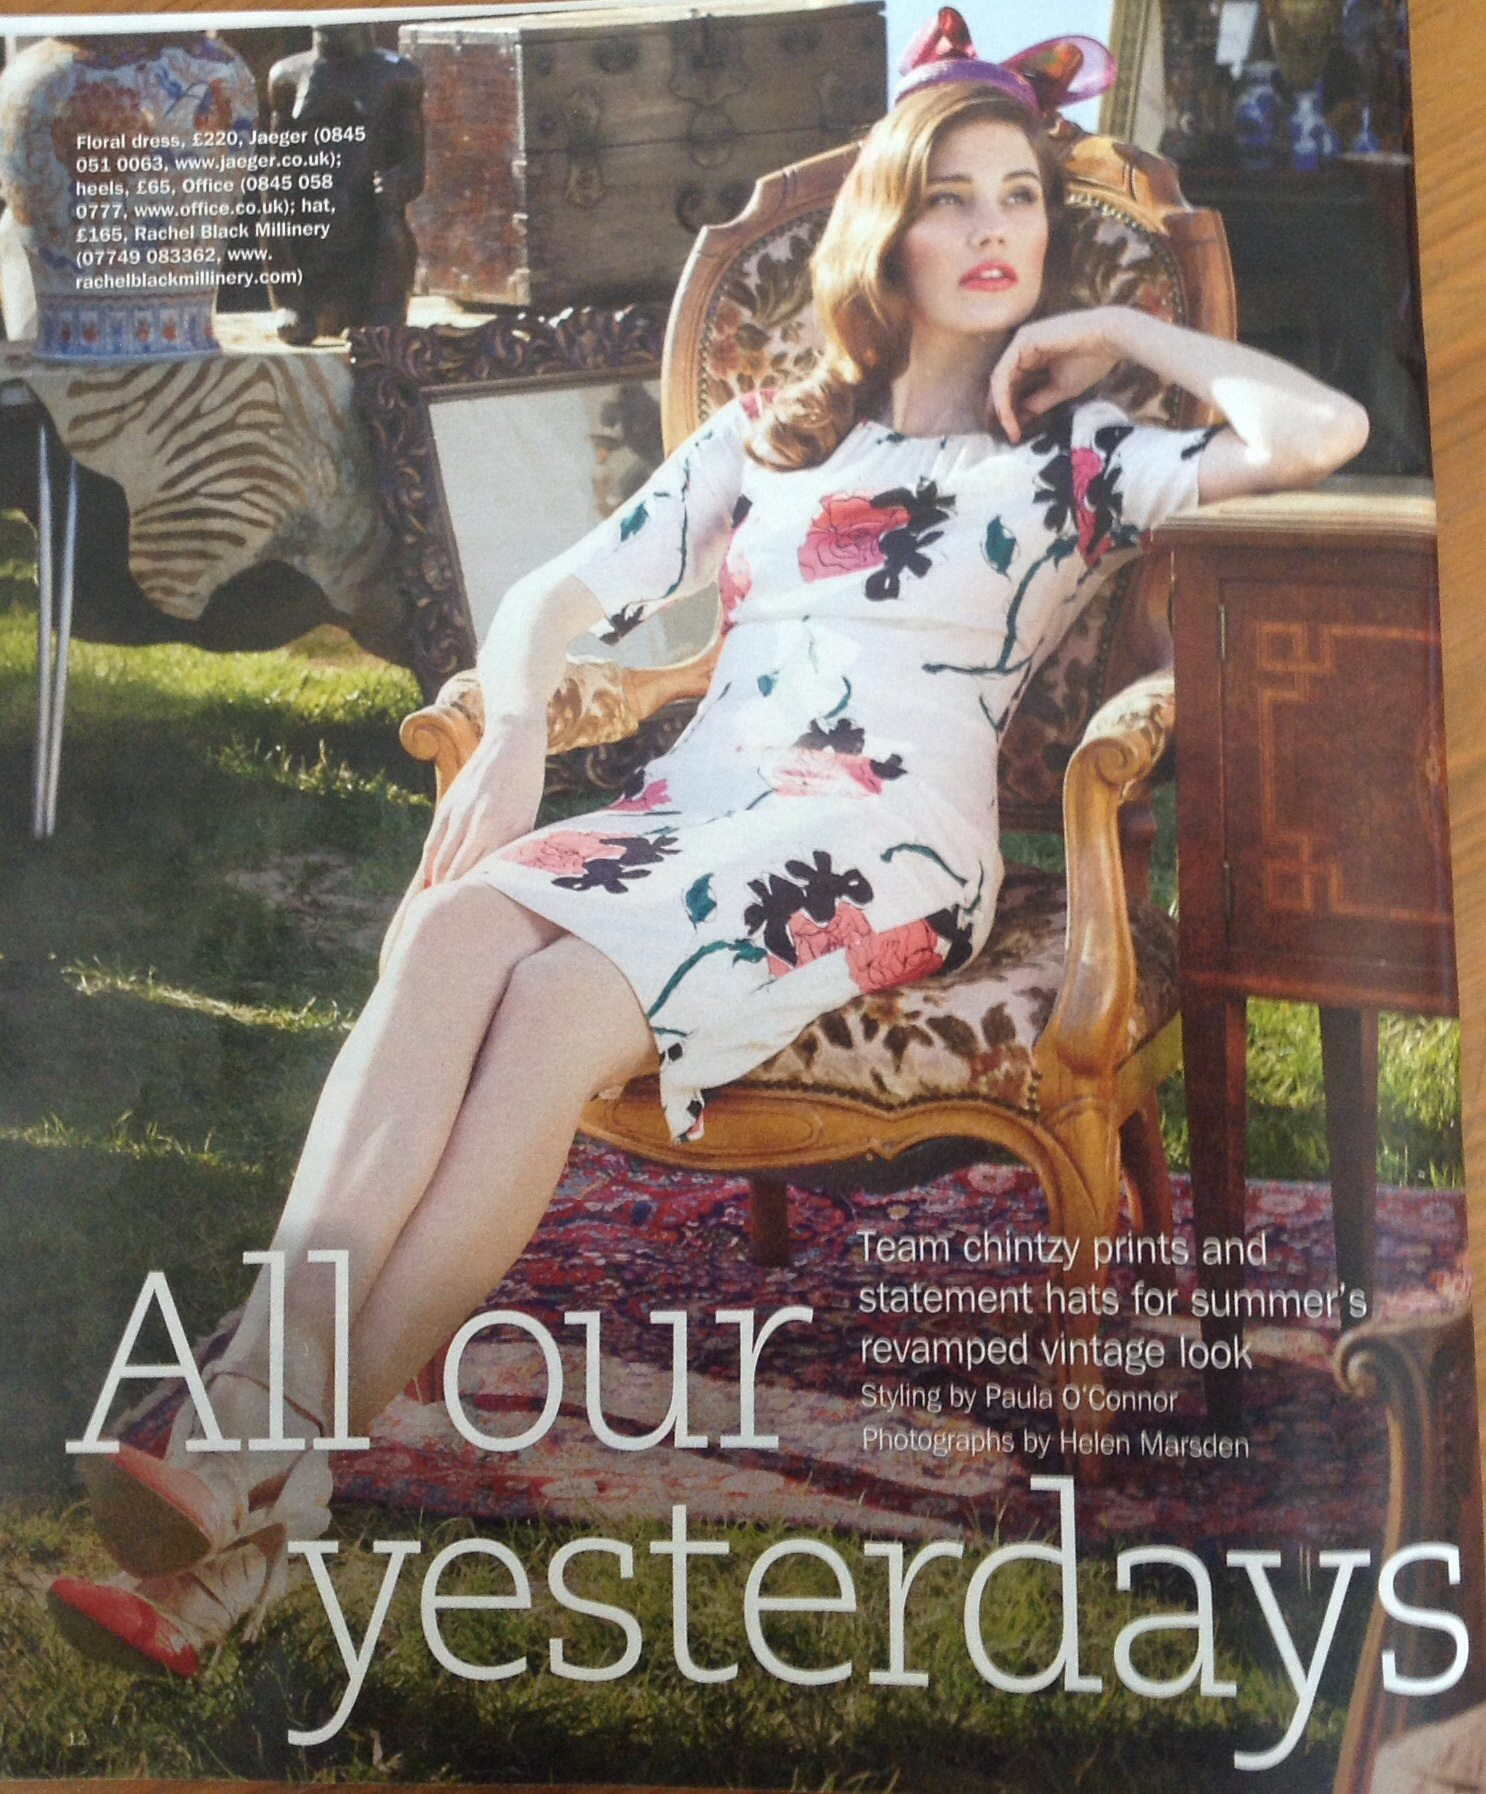 Martha in 'S' Magazine, Sunday Express